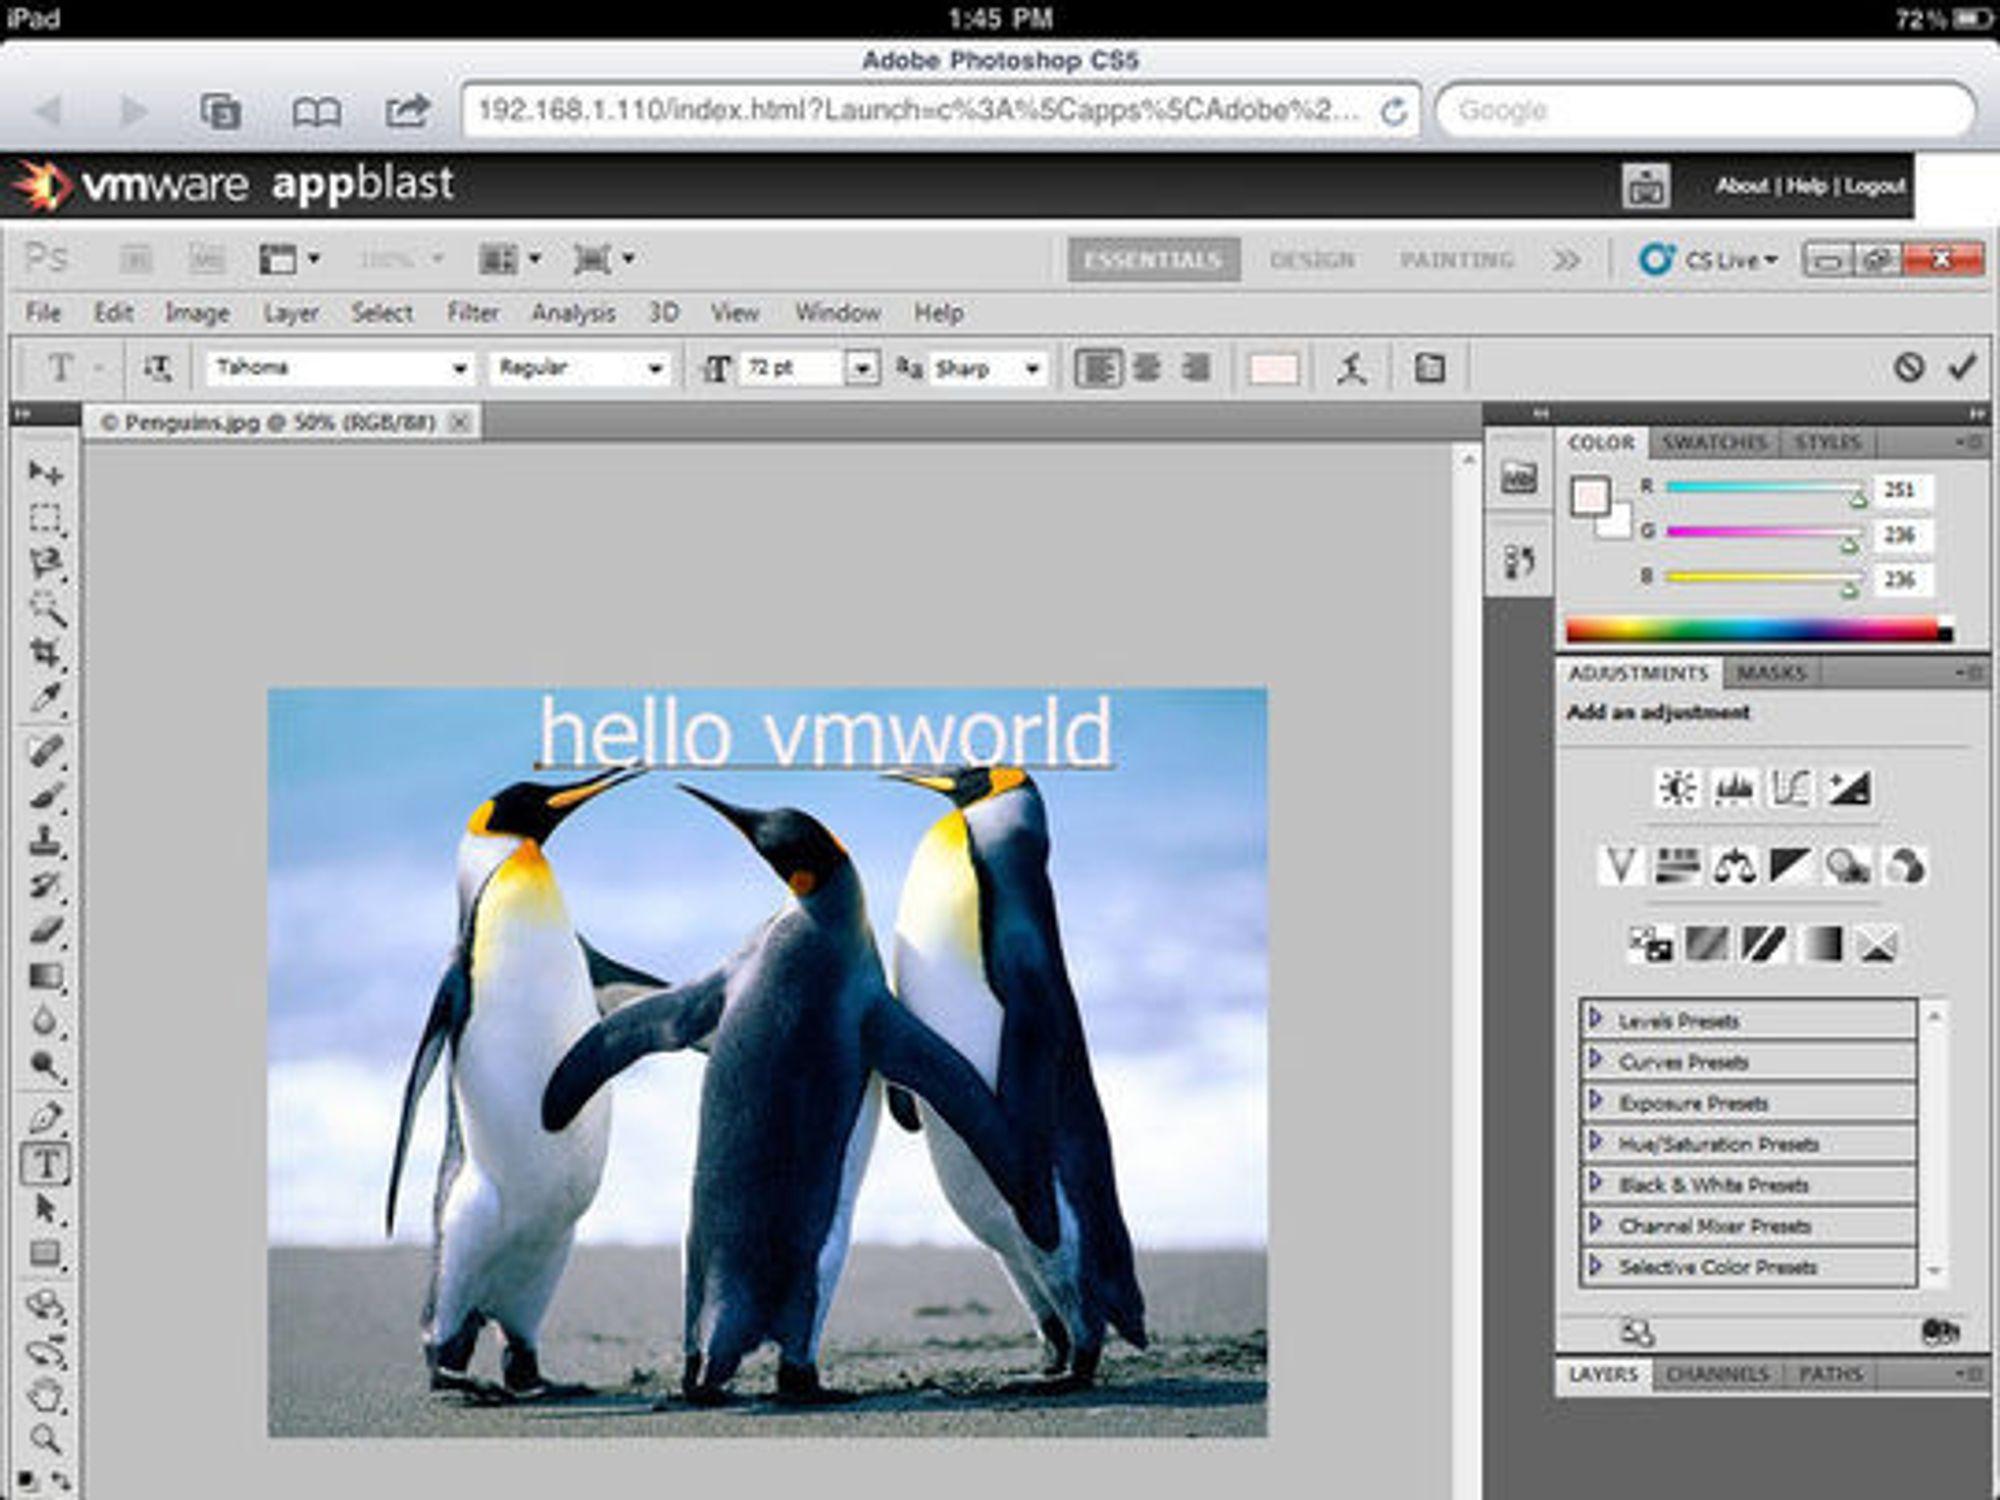 Skjermbilde fra iPad viser Adobe Photoshop kjørt i en nettleser.